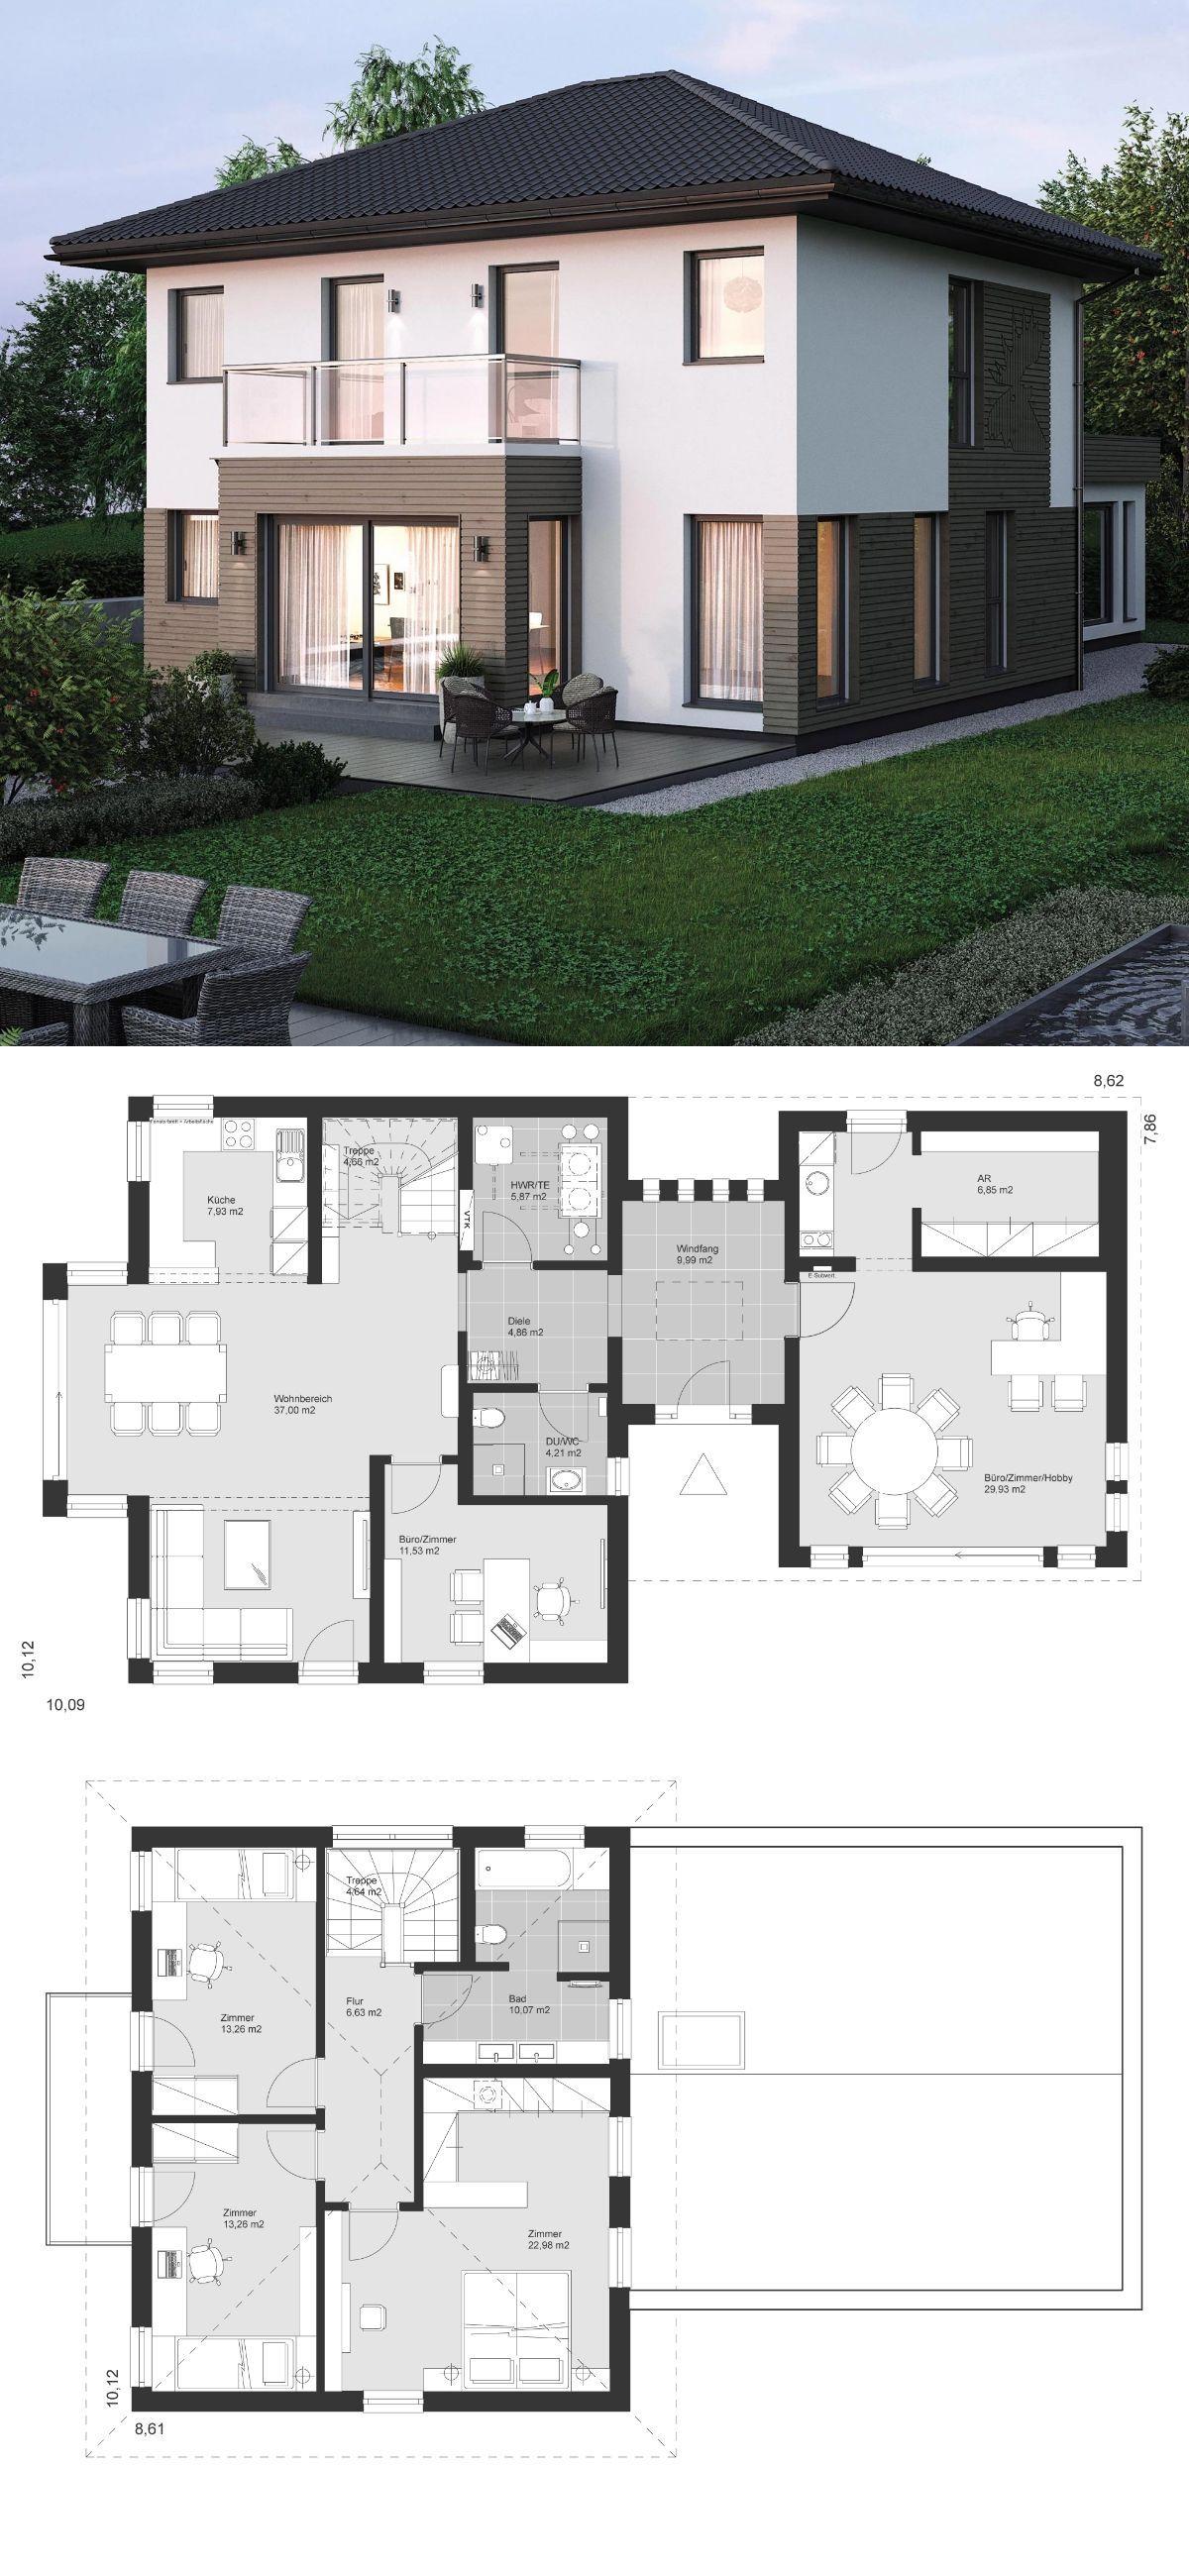 Stadtvilla modern grundriss klassisch mit walmdach for Architektur klassisch